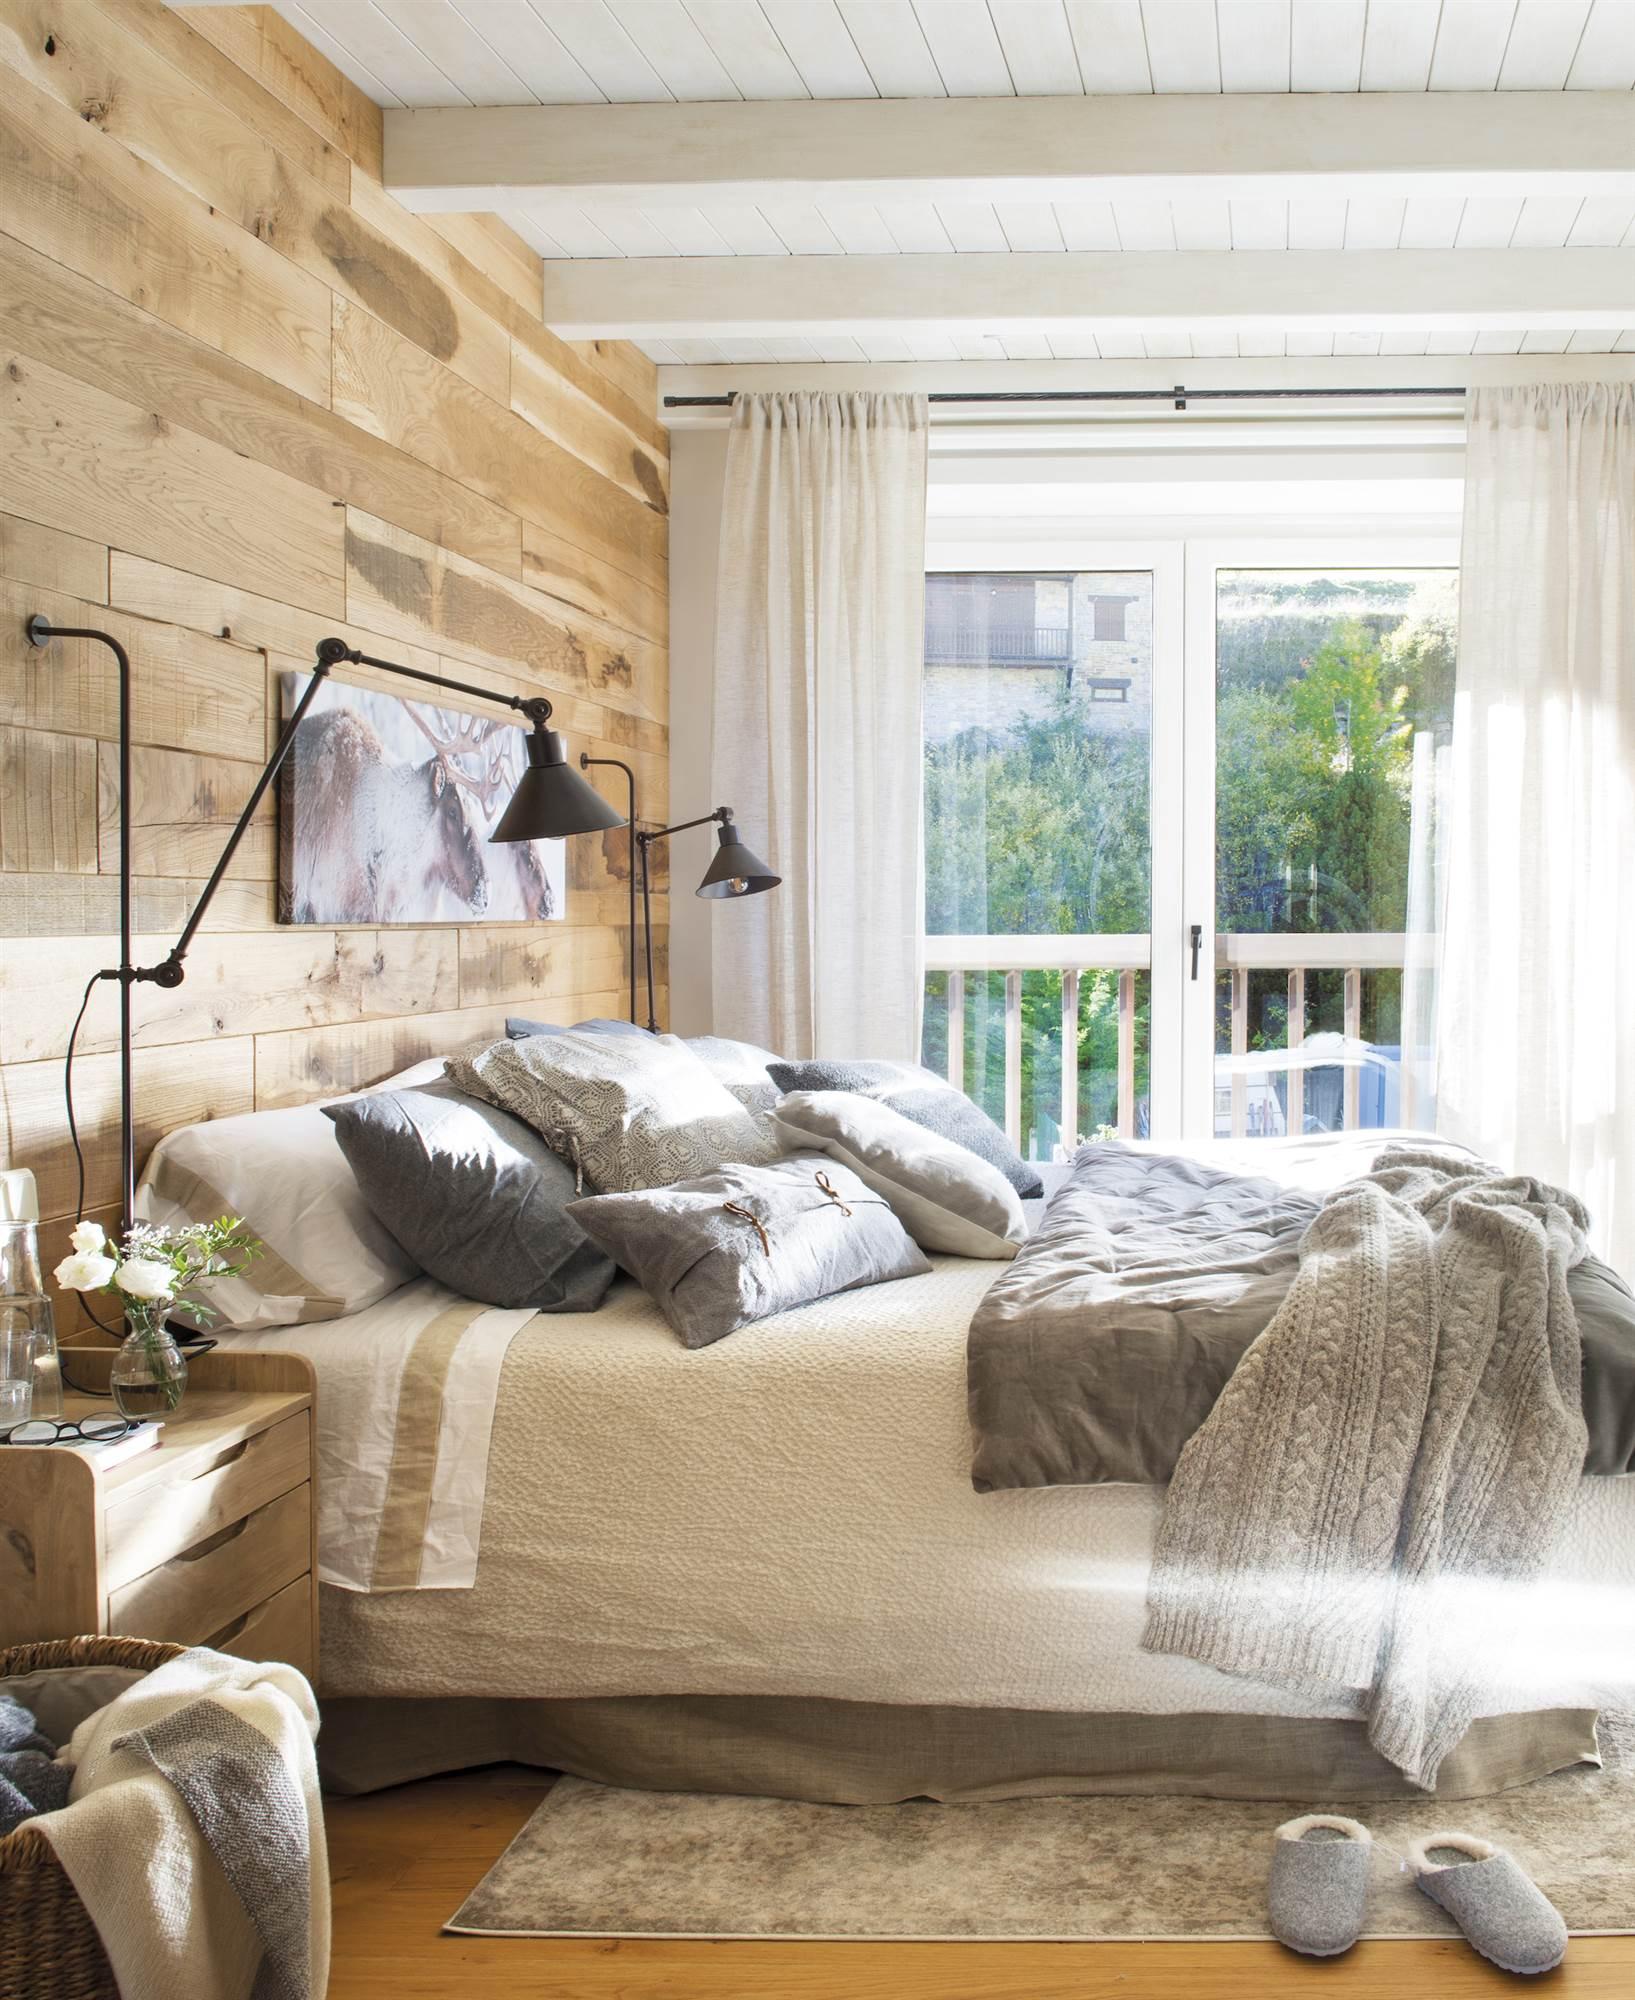 Cabeceros de cama originales - Paredes en madera ...